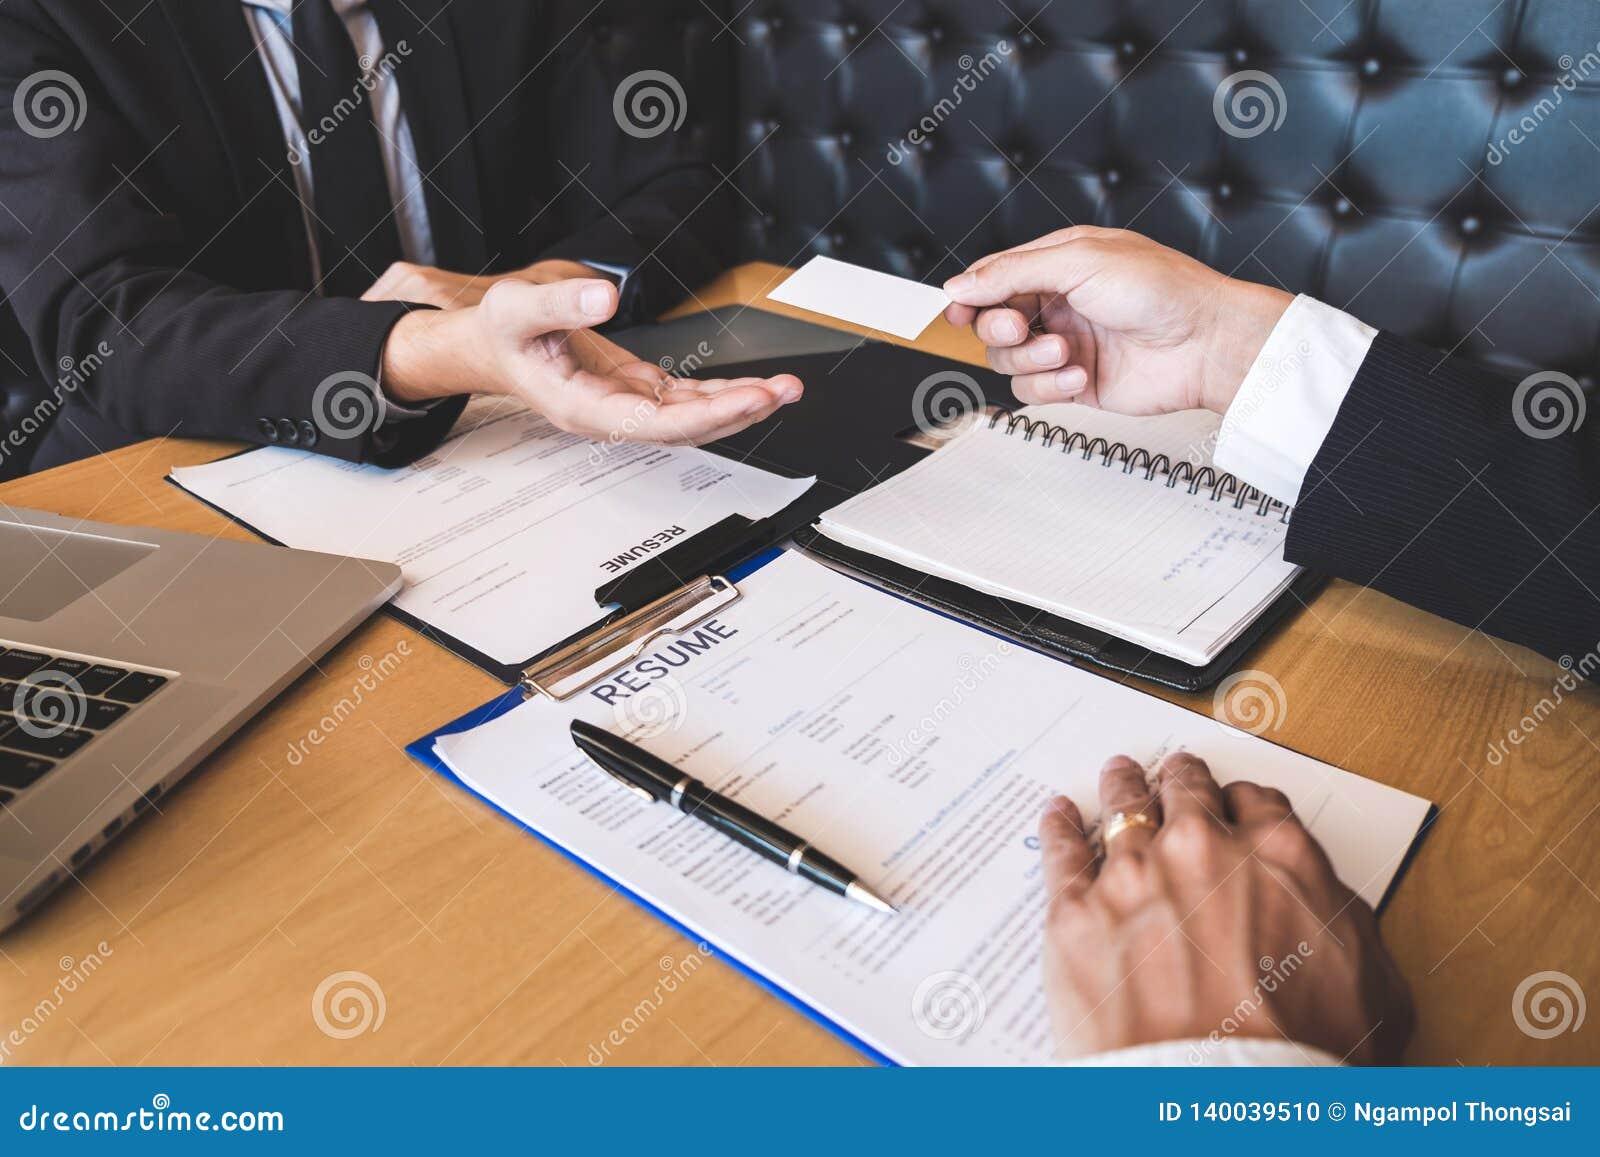 La tenencia del patrón o del reclutador que lee un curriculum vitae durante alrededor su perfil del candidato, patrón en traje es